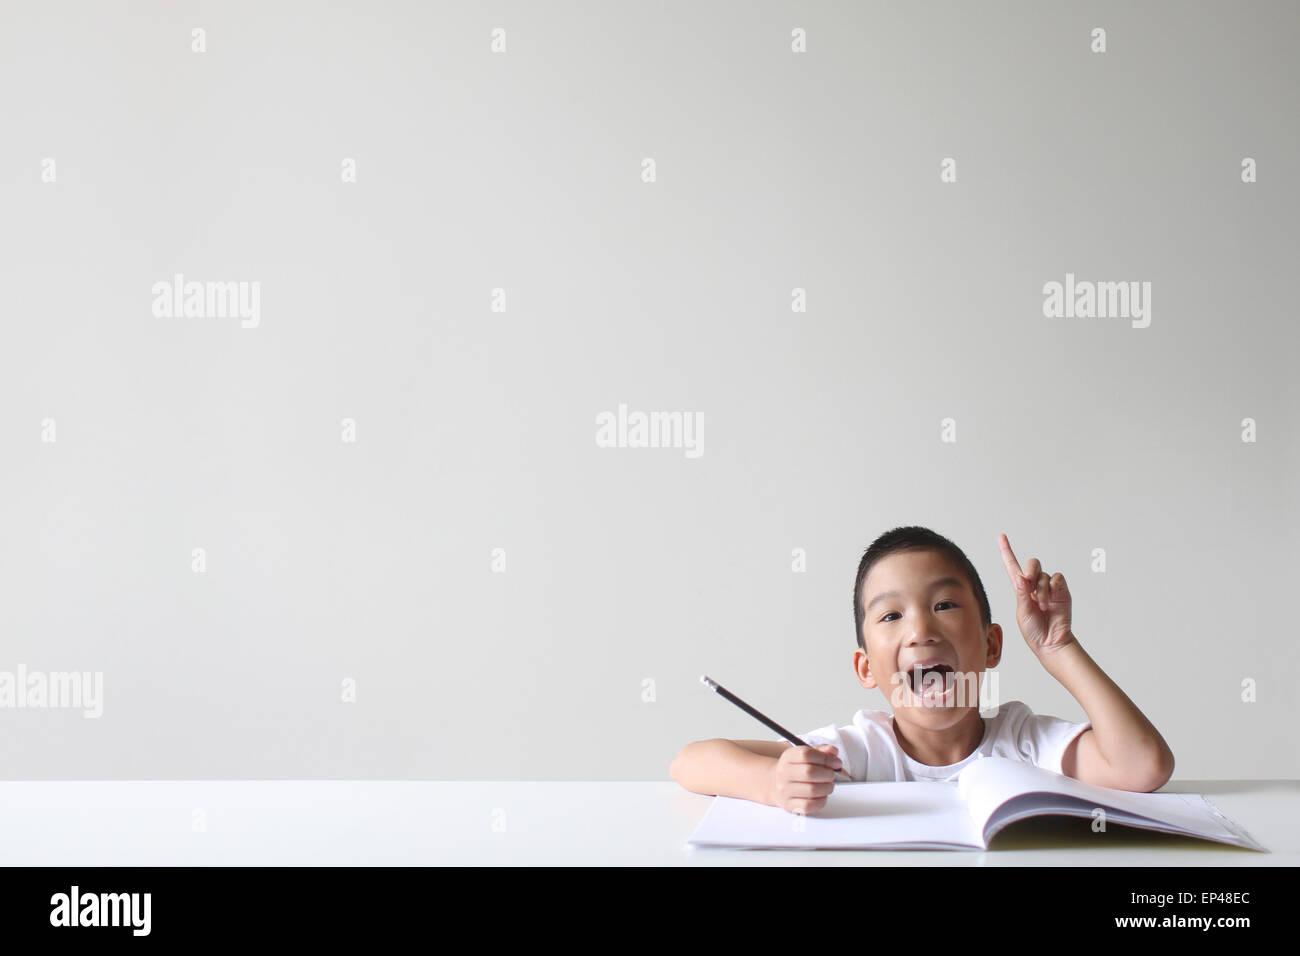 Garçon ayant une idée tout en étudiant Photo Stock